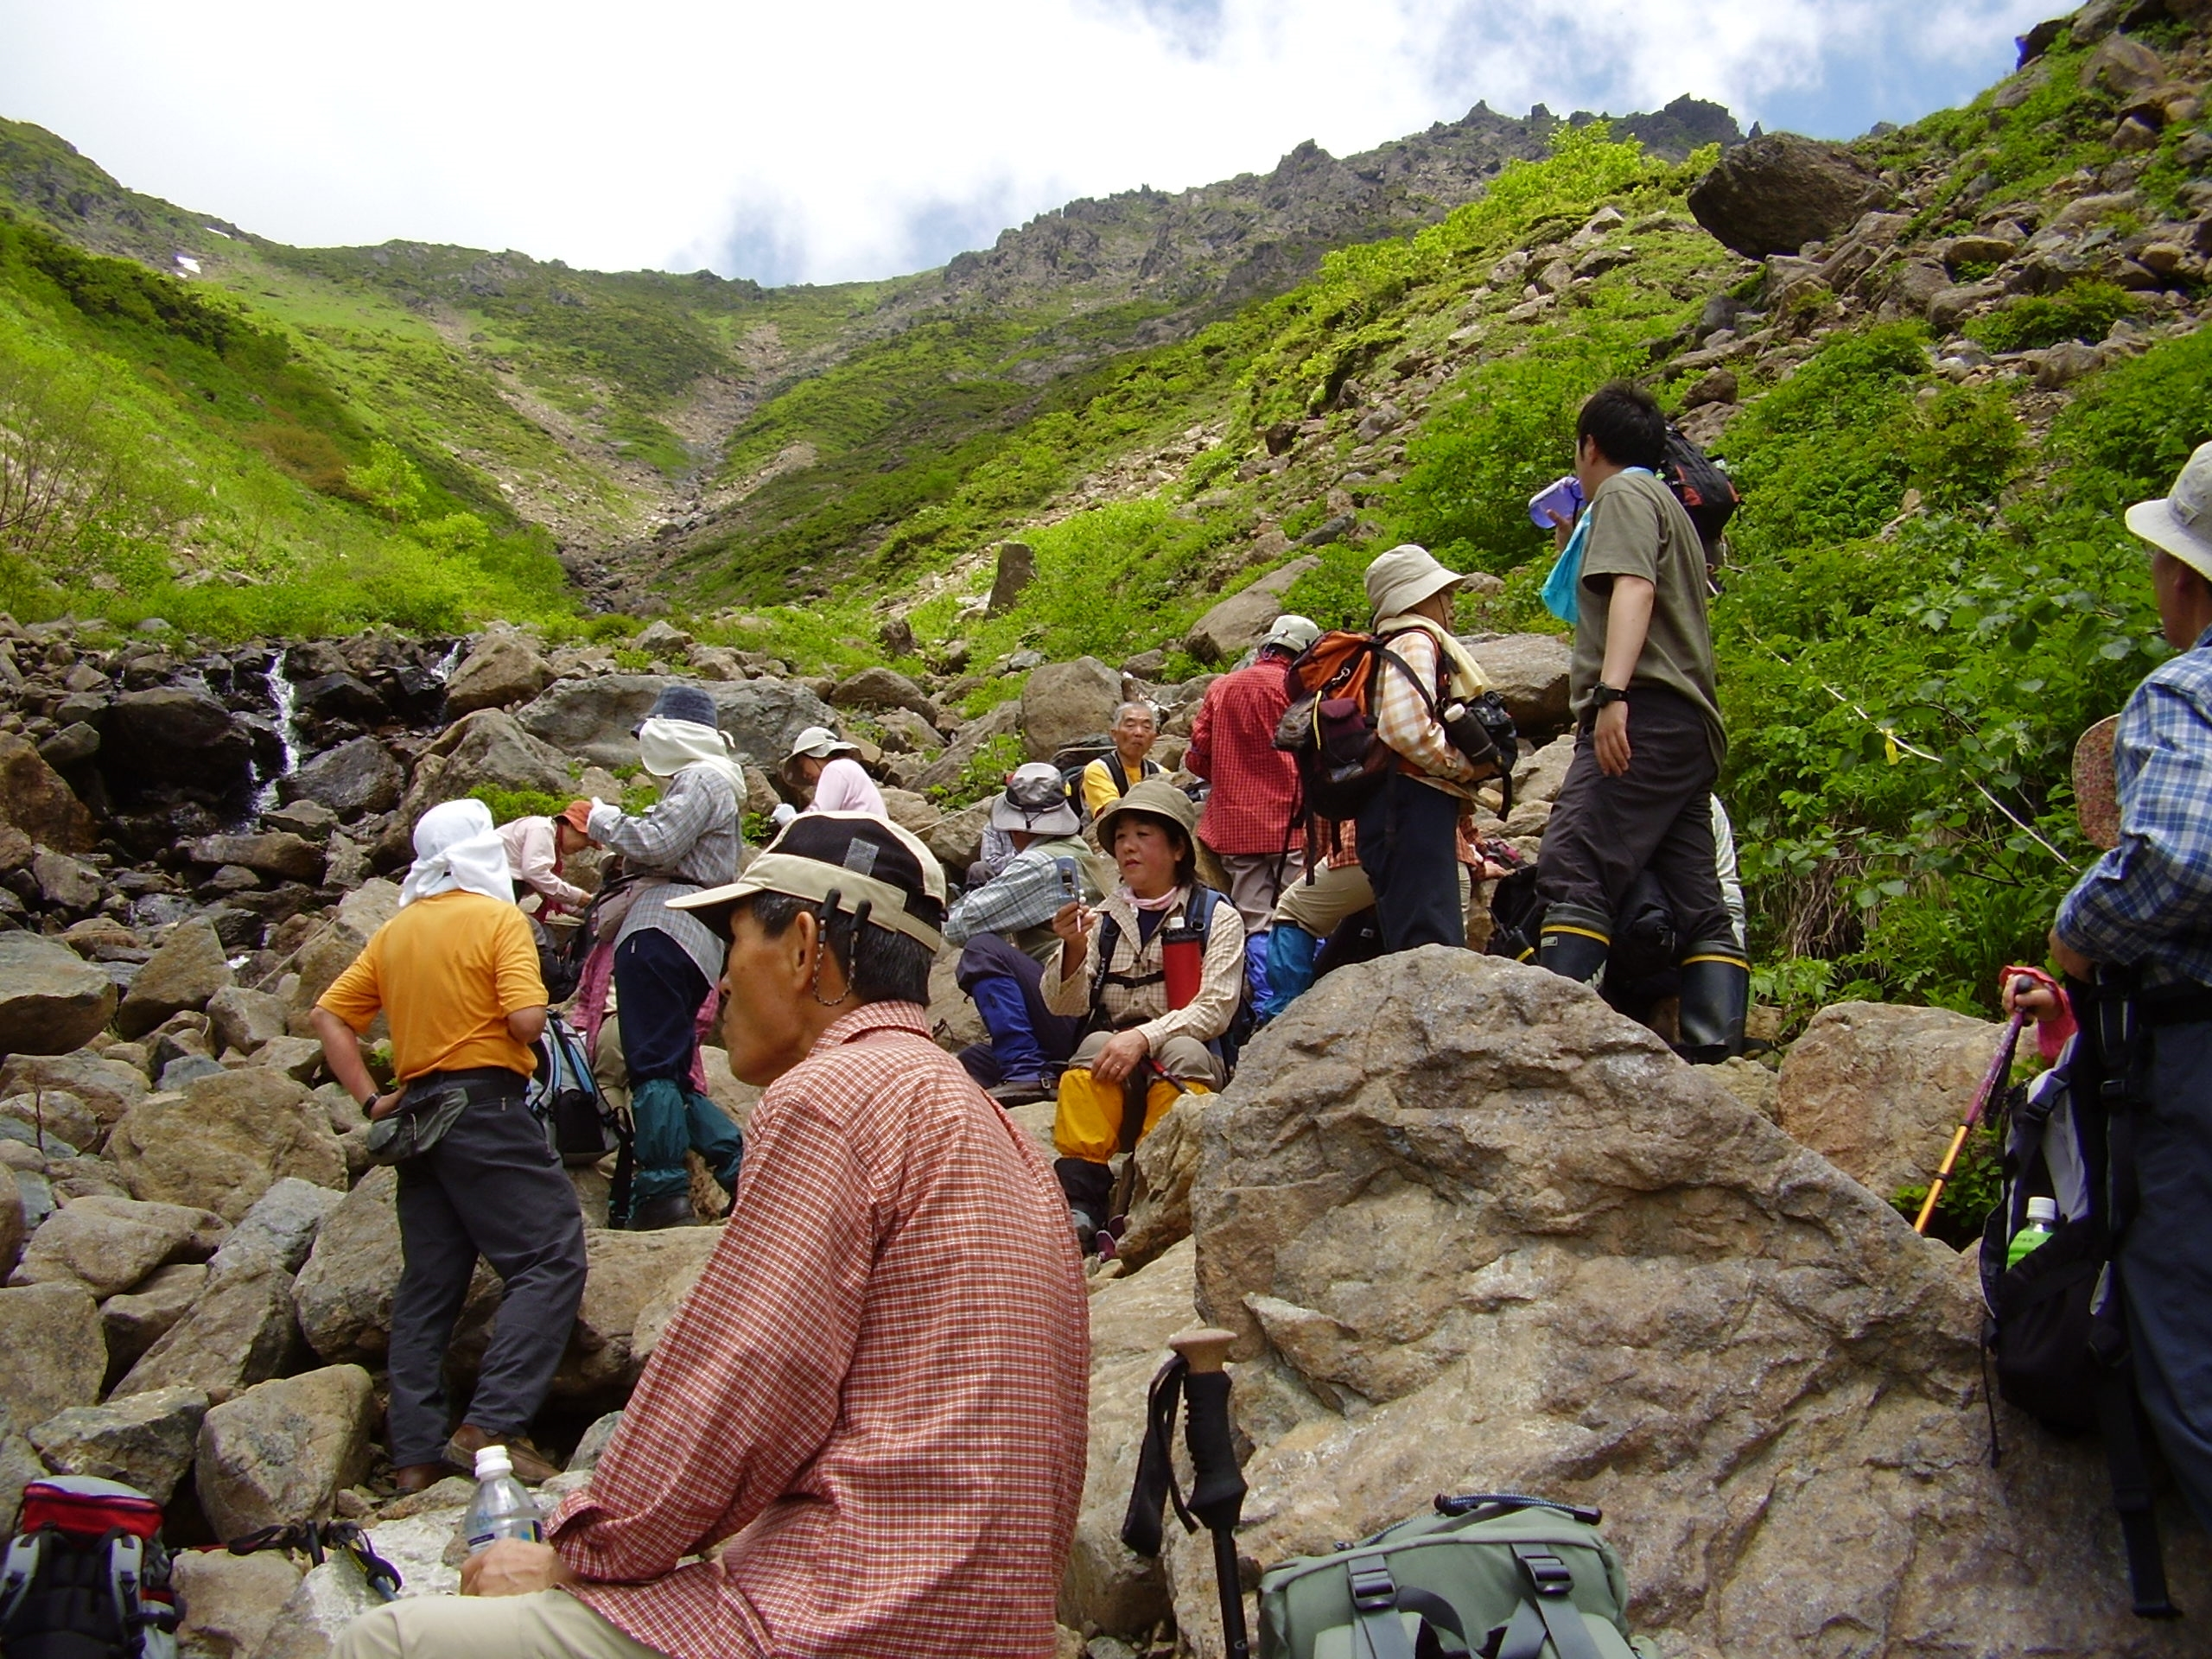 休暇村岩手網張温泉 岩手山登山 十和田八幡平国立公園